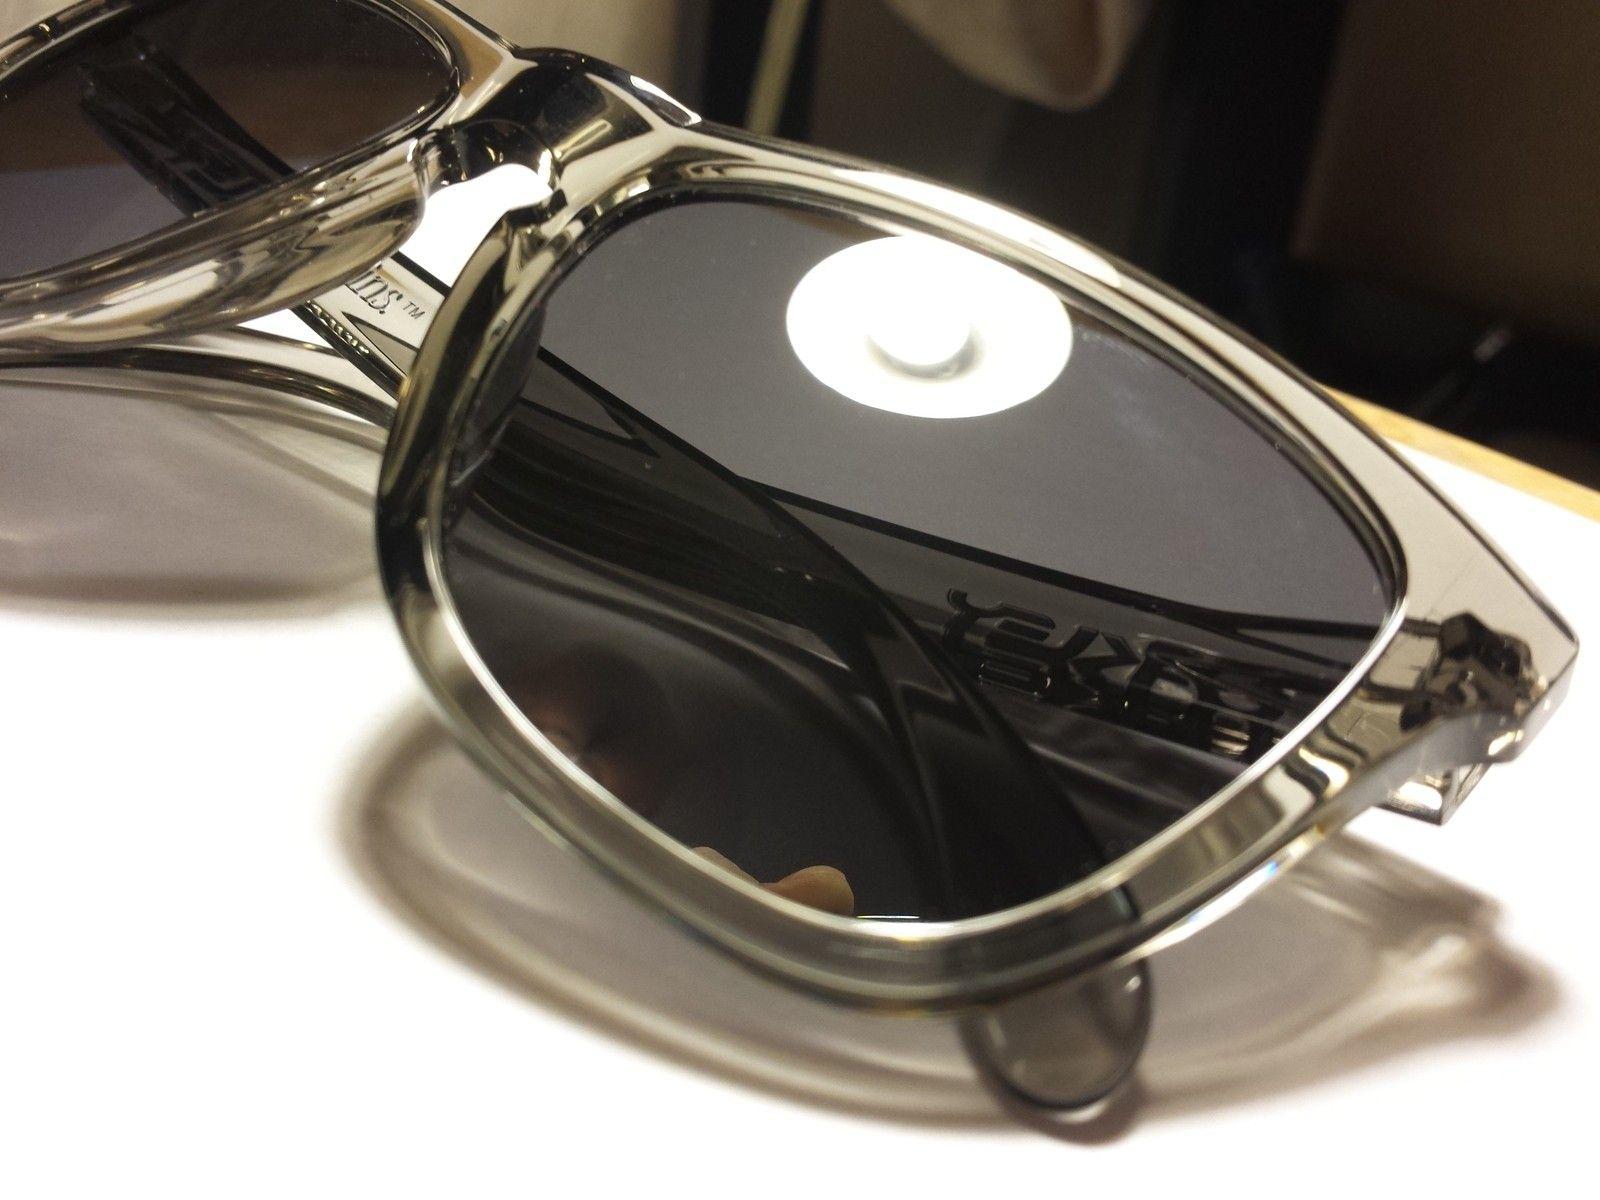 FSOT Ruby Frog Lenses - uploadfromtaptalk1435279571048.jpg